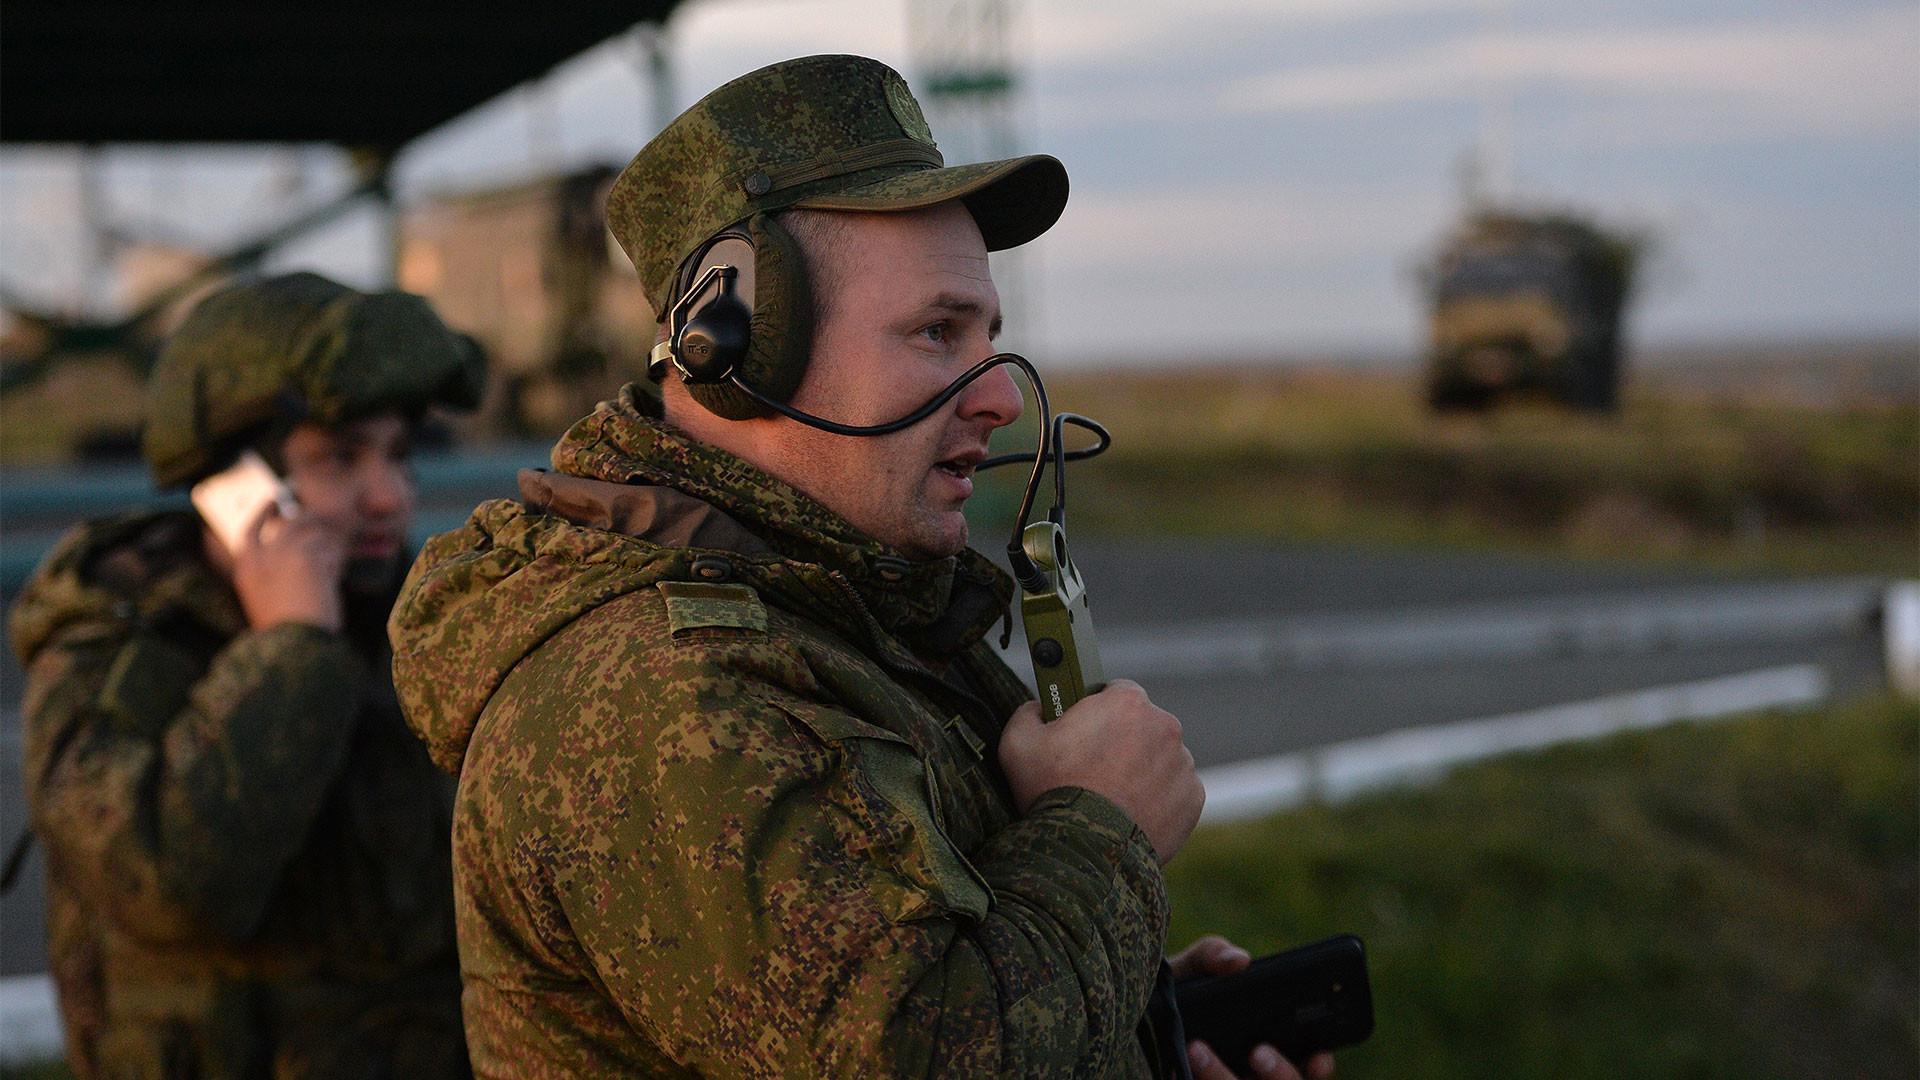 военный начальник картинки